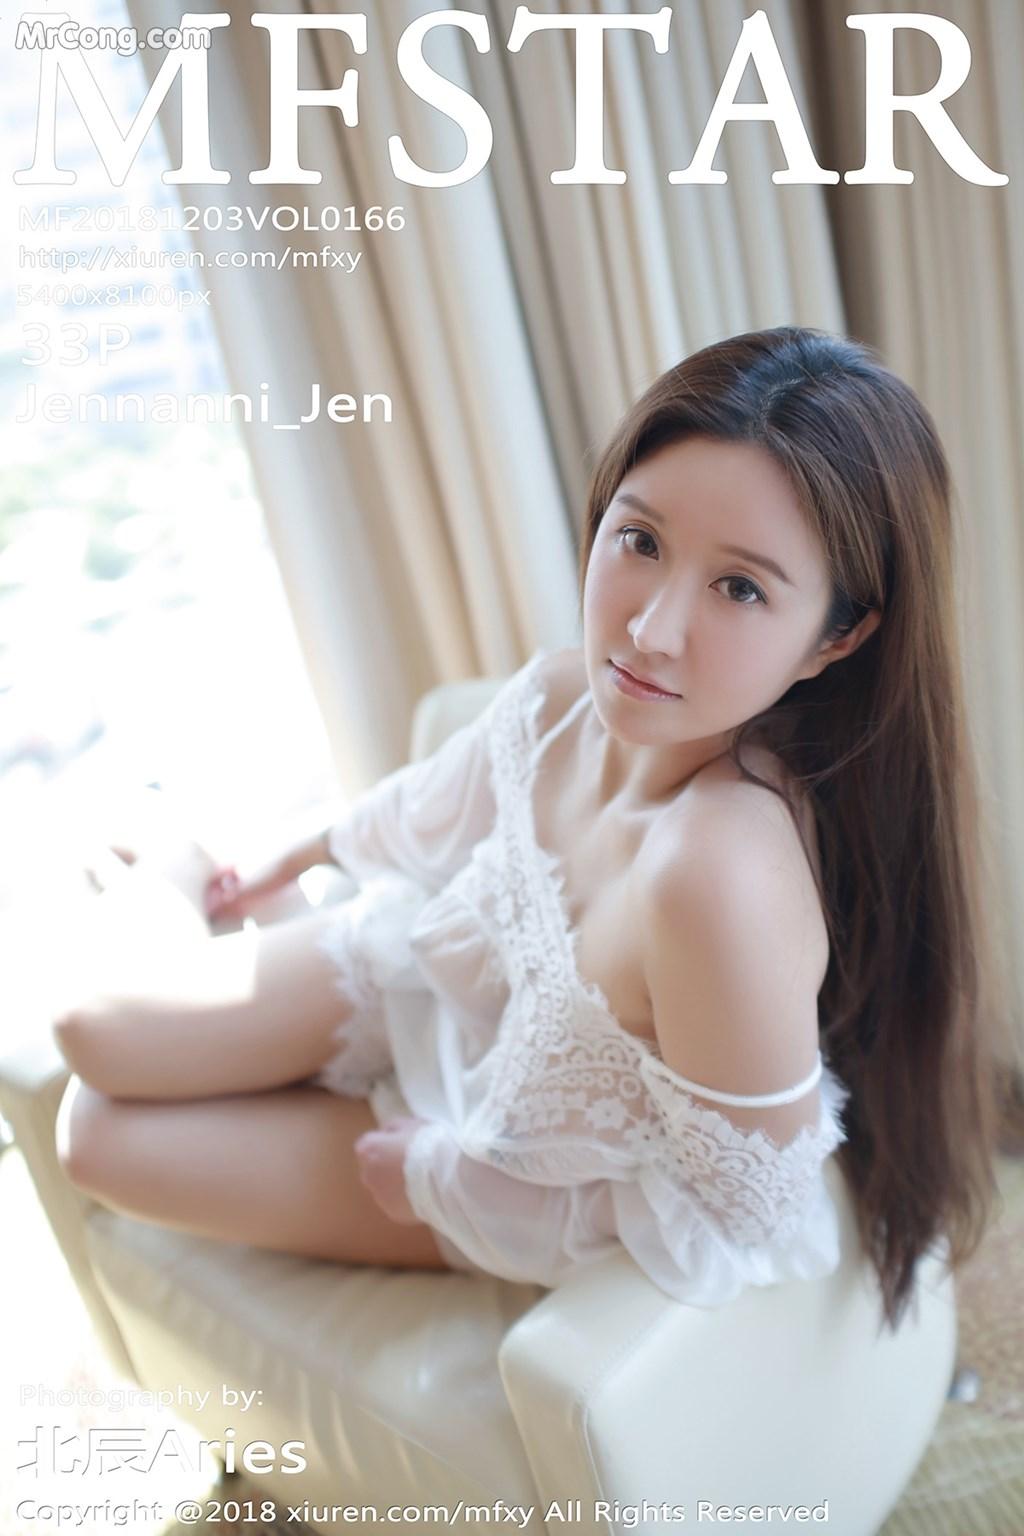 MFStar Vol.166: Người mẫu Jennanni_Jen (34 ảnh)